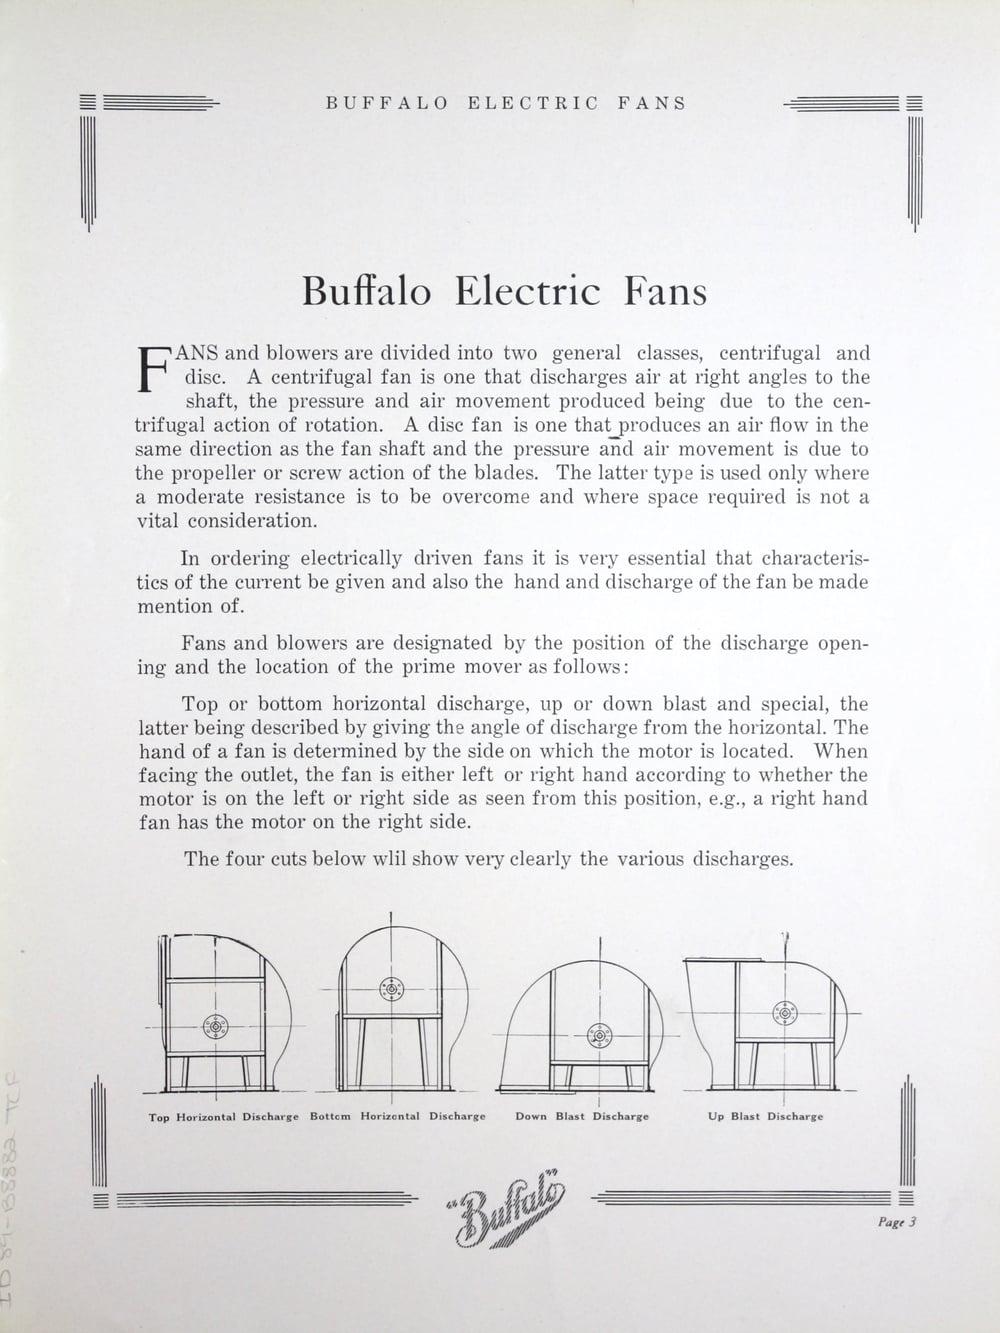 BuffaloForgeCoCca42994_0002.jpg